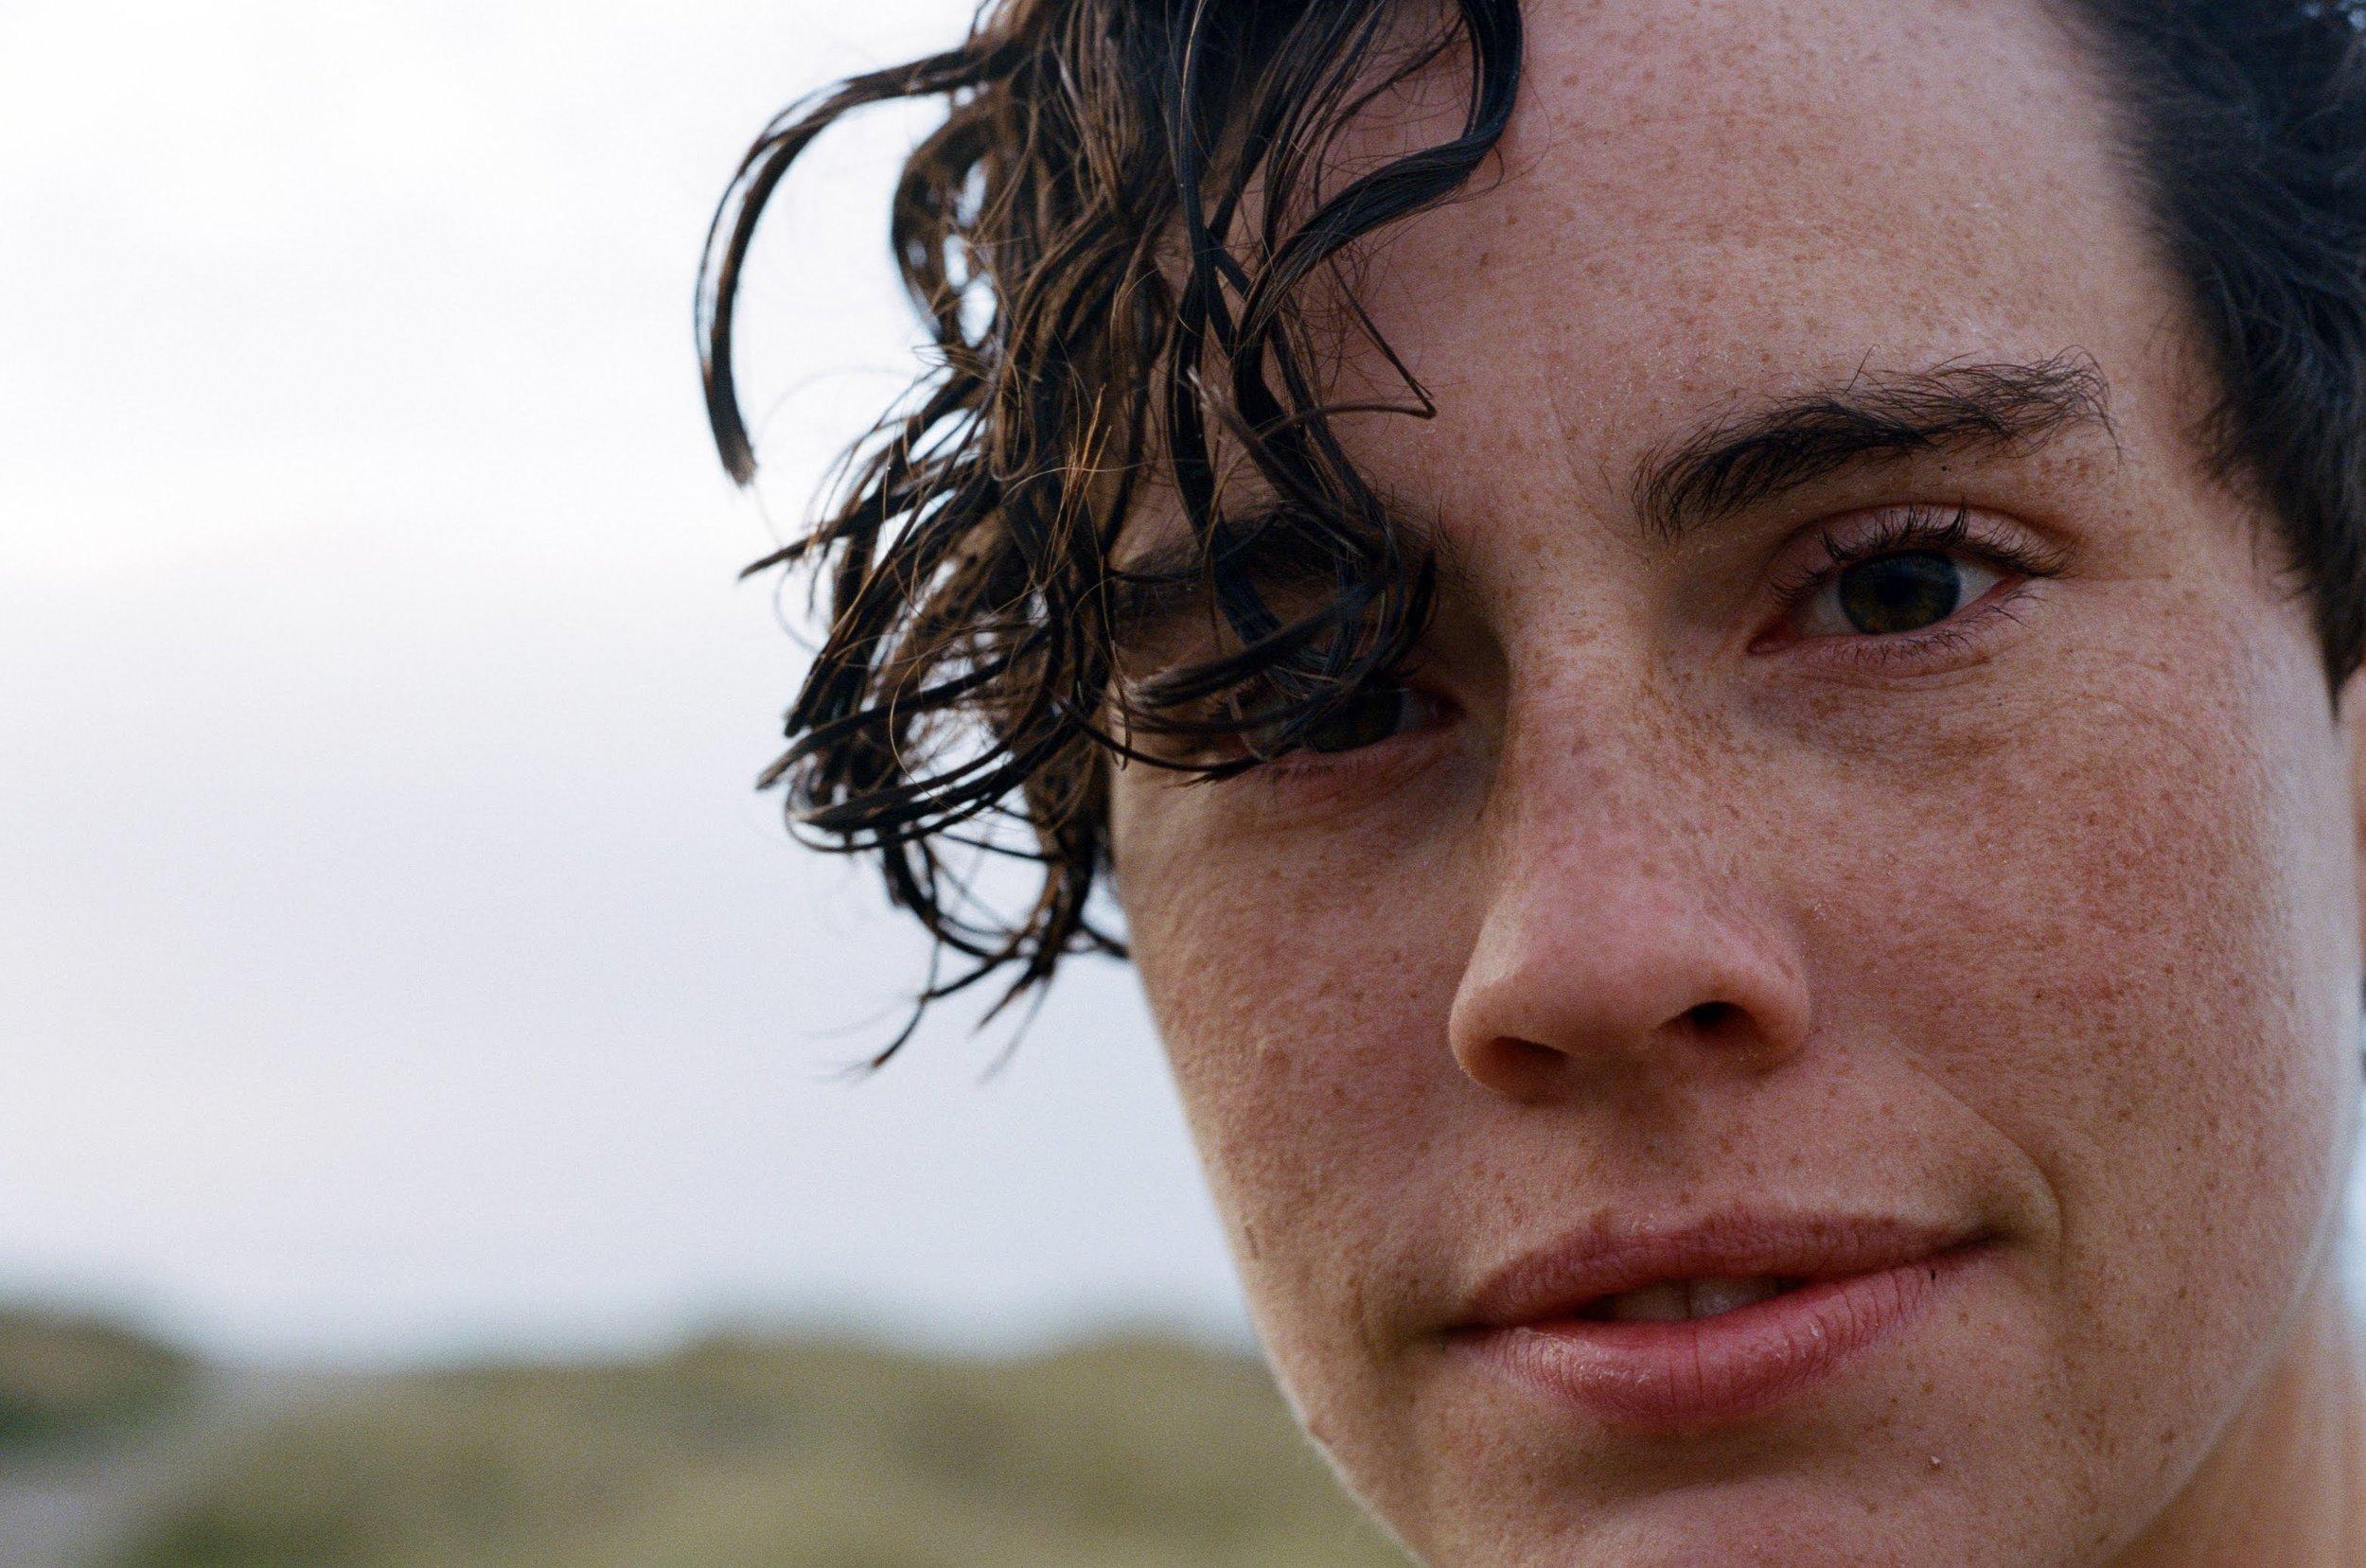 Freckles. (Seaside, Oregon)